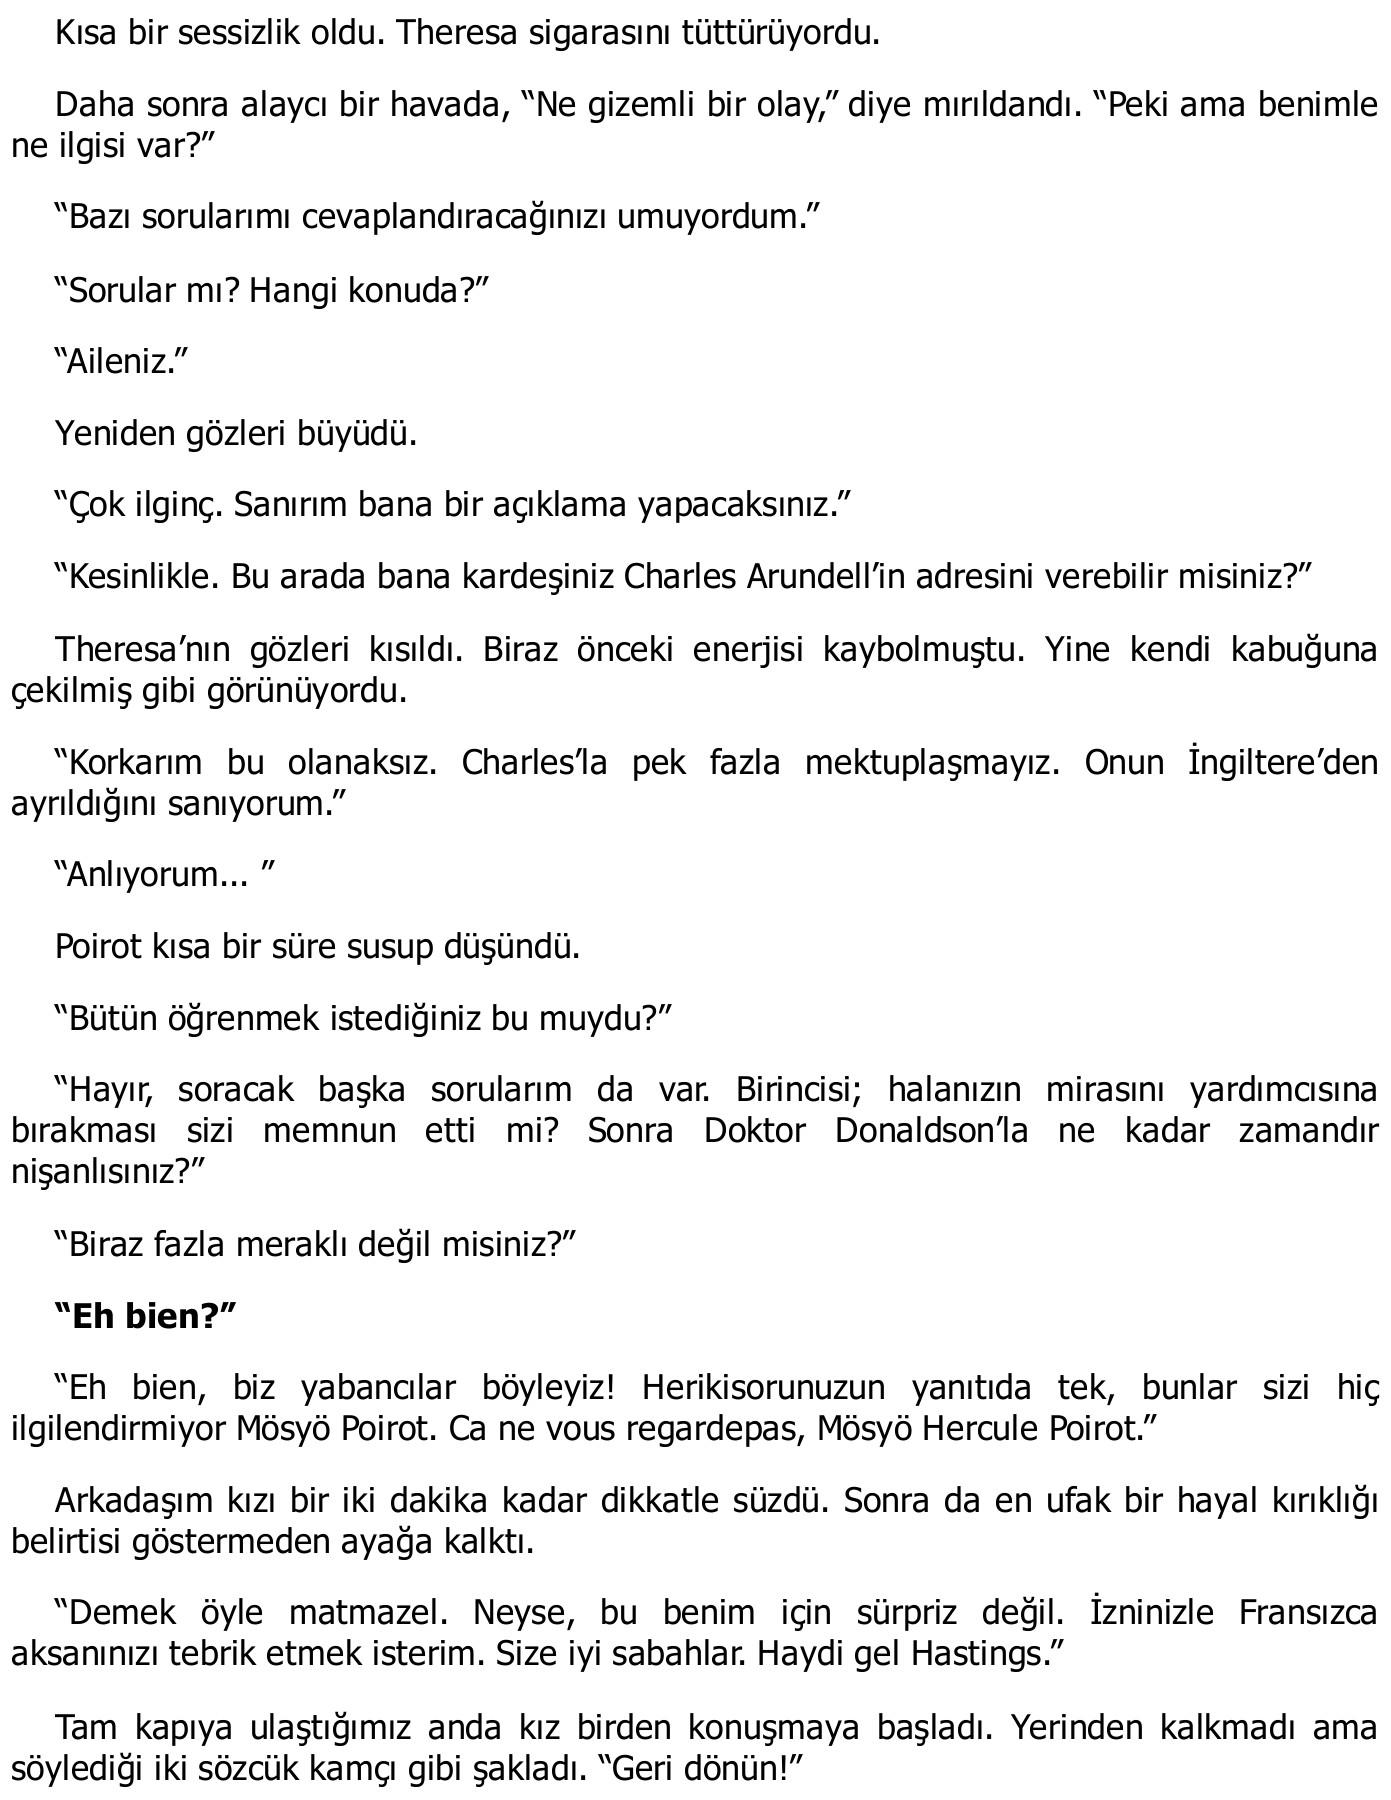 Agatha Christie - Sessiz Tanık-Flip Book Pages 101-150 | PubHTML5